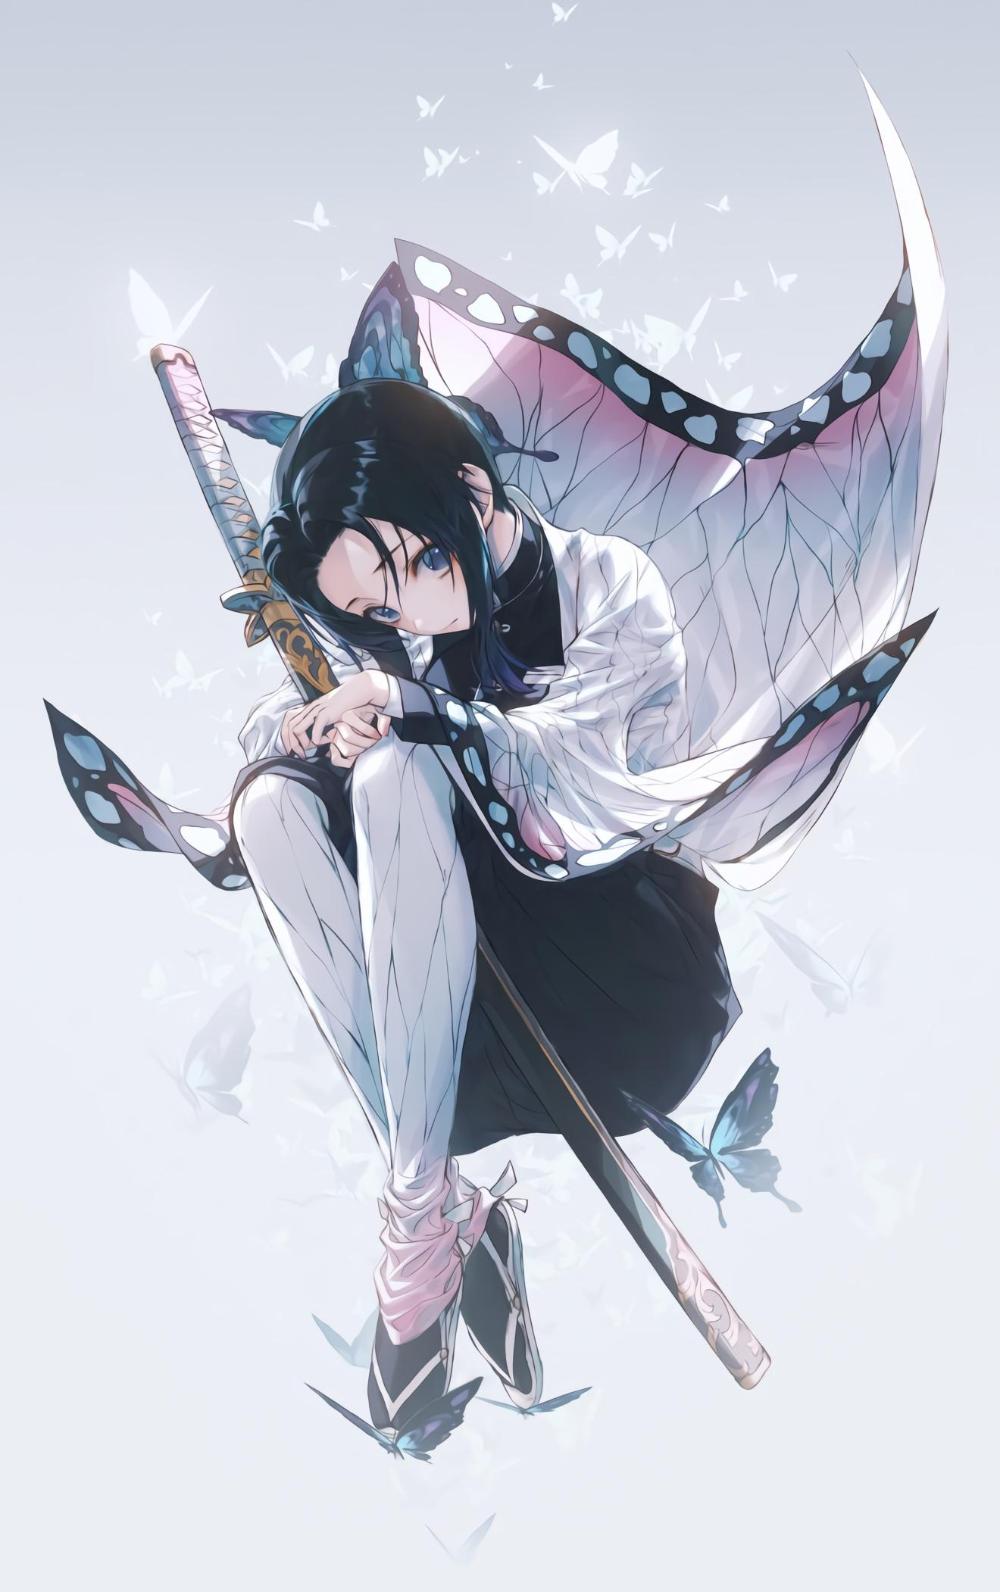 kimetsu no yaiba shinobu Búsqueda de Google Fantasia anime